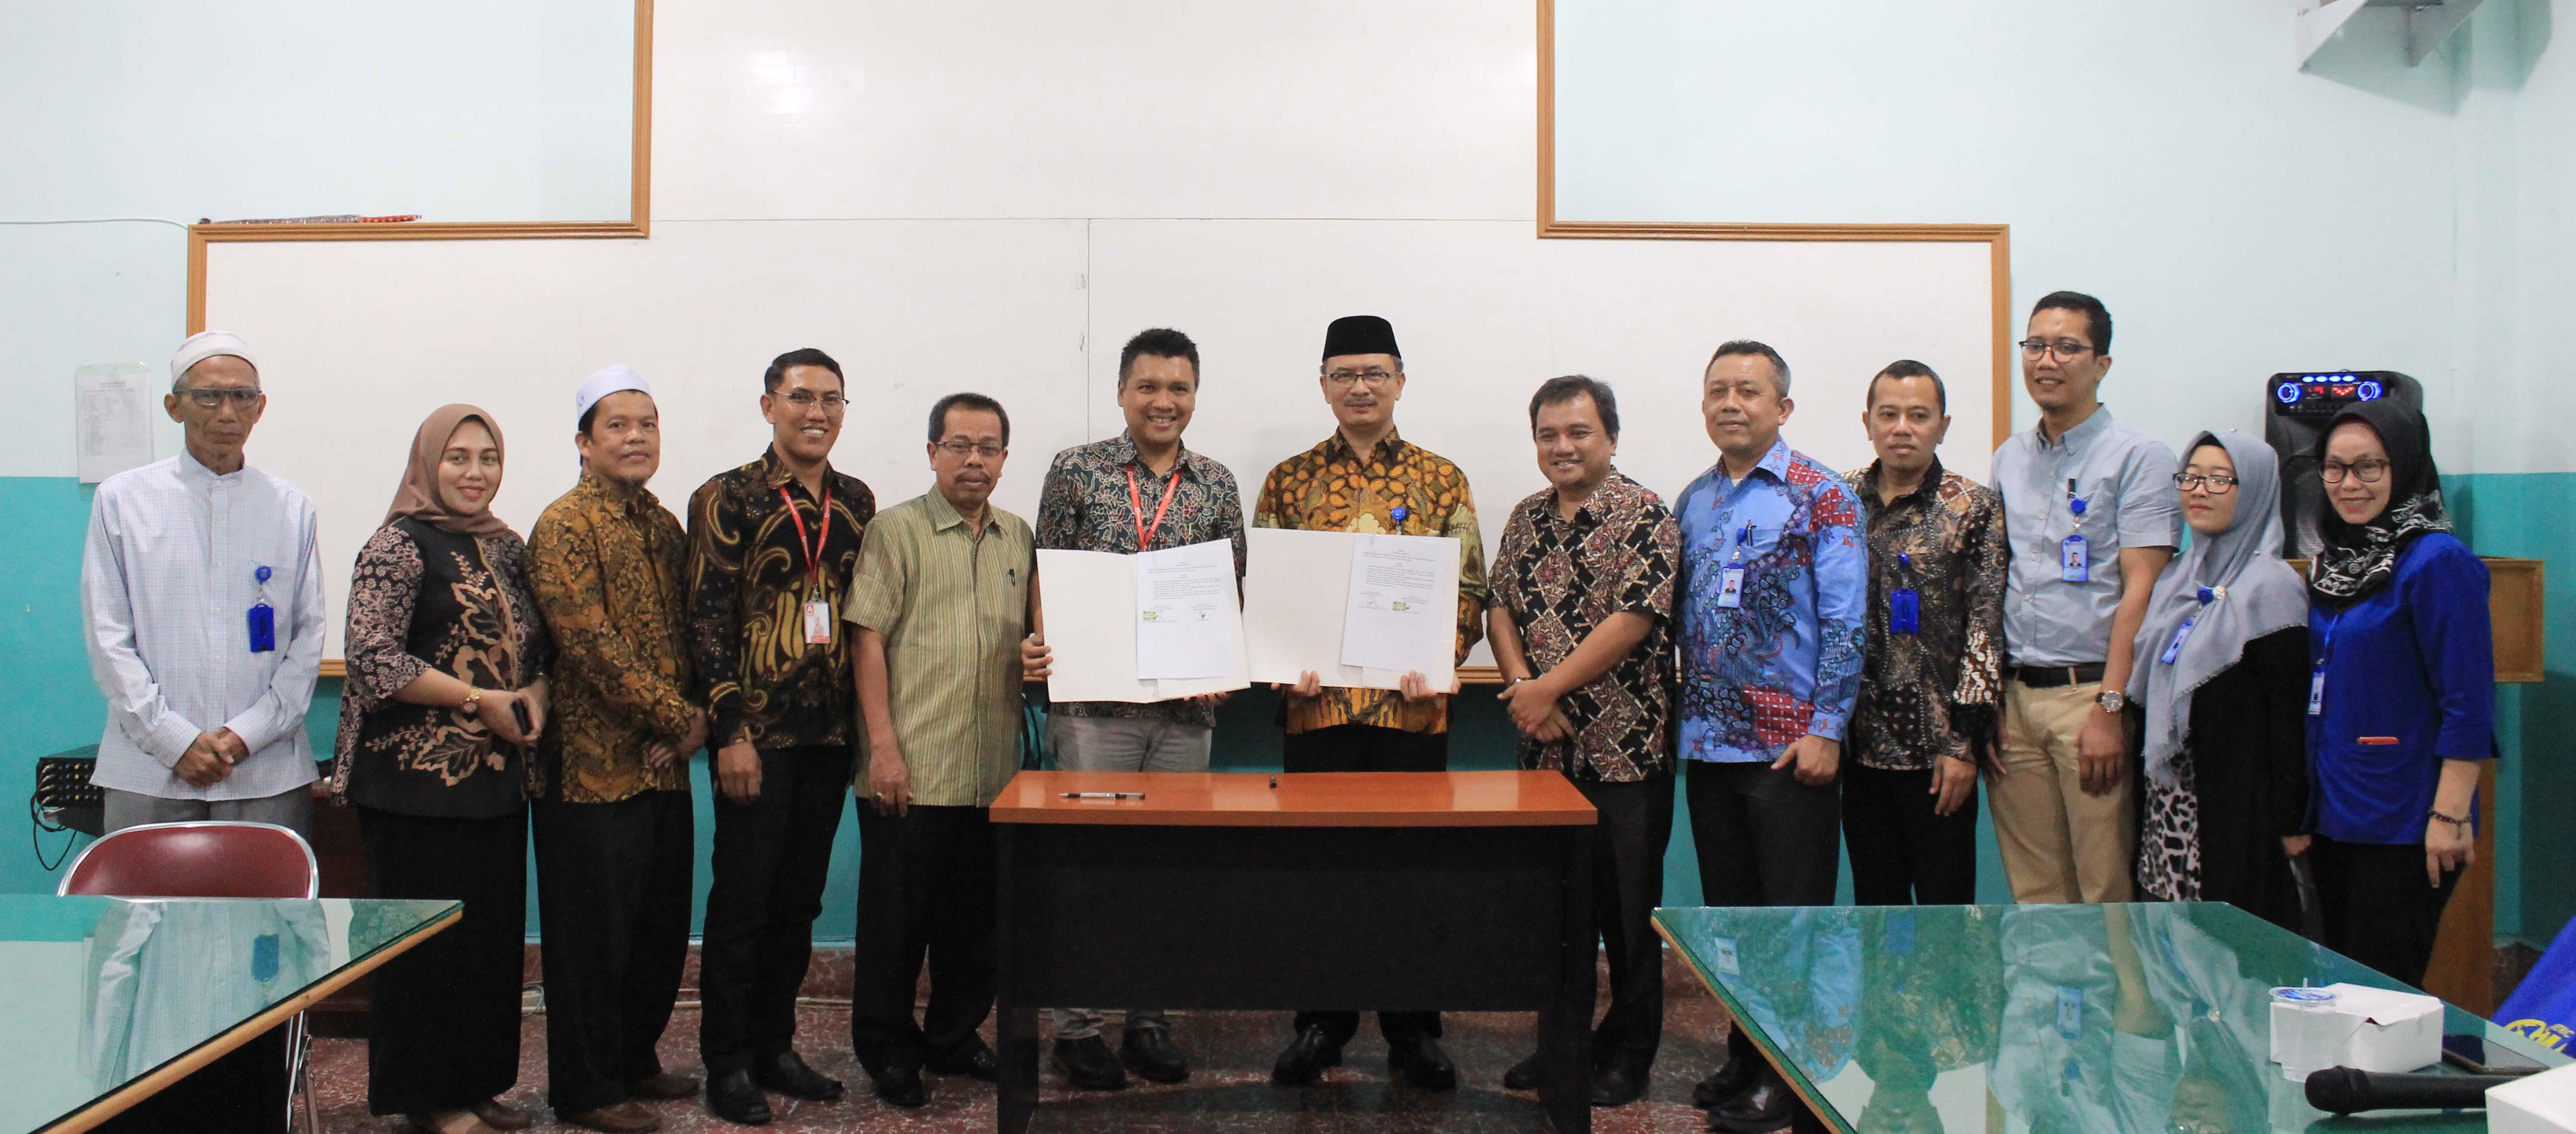 Penandatanganan Nota Kesepahaman Kerjasama Antara Universitas Medan Area dengan PT. Midi Utama Indonesia